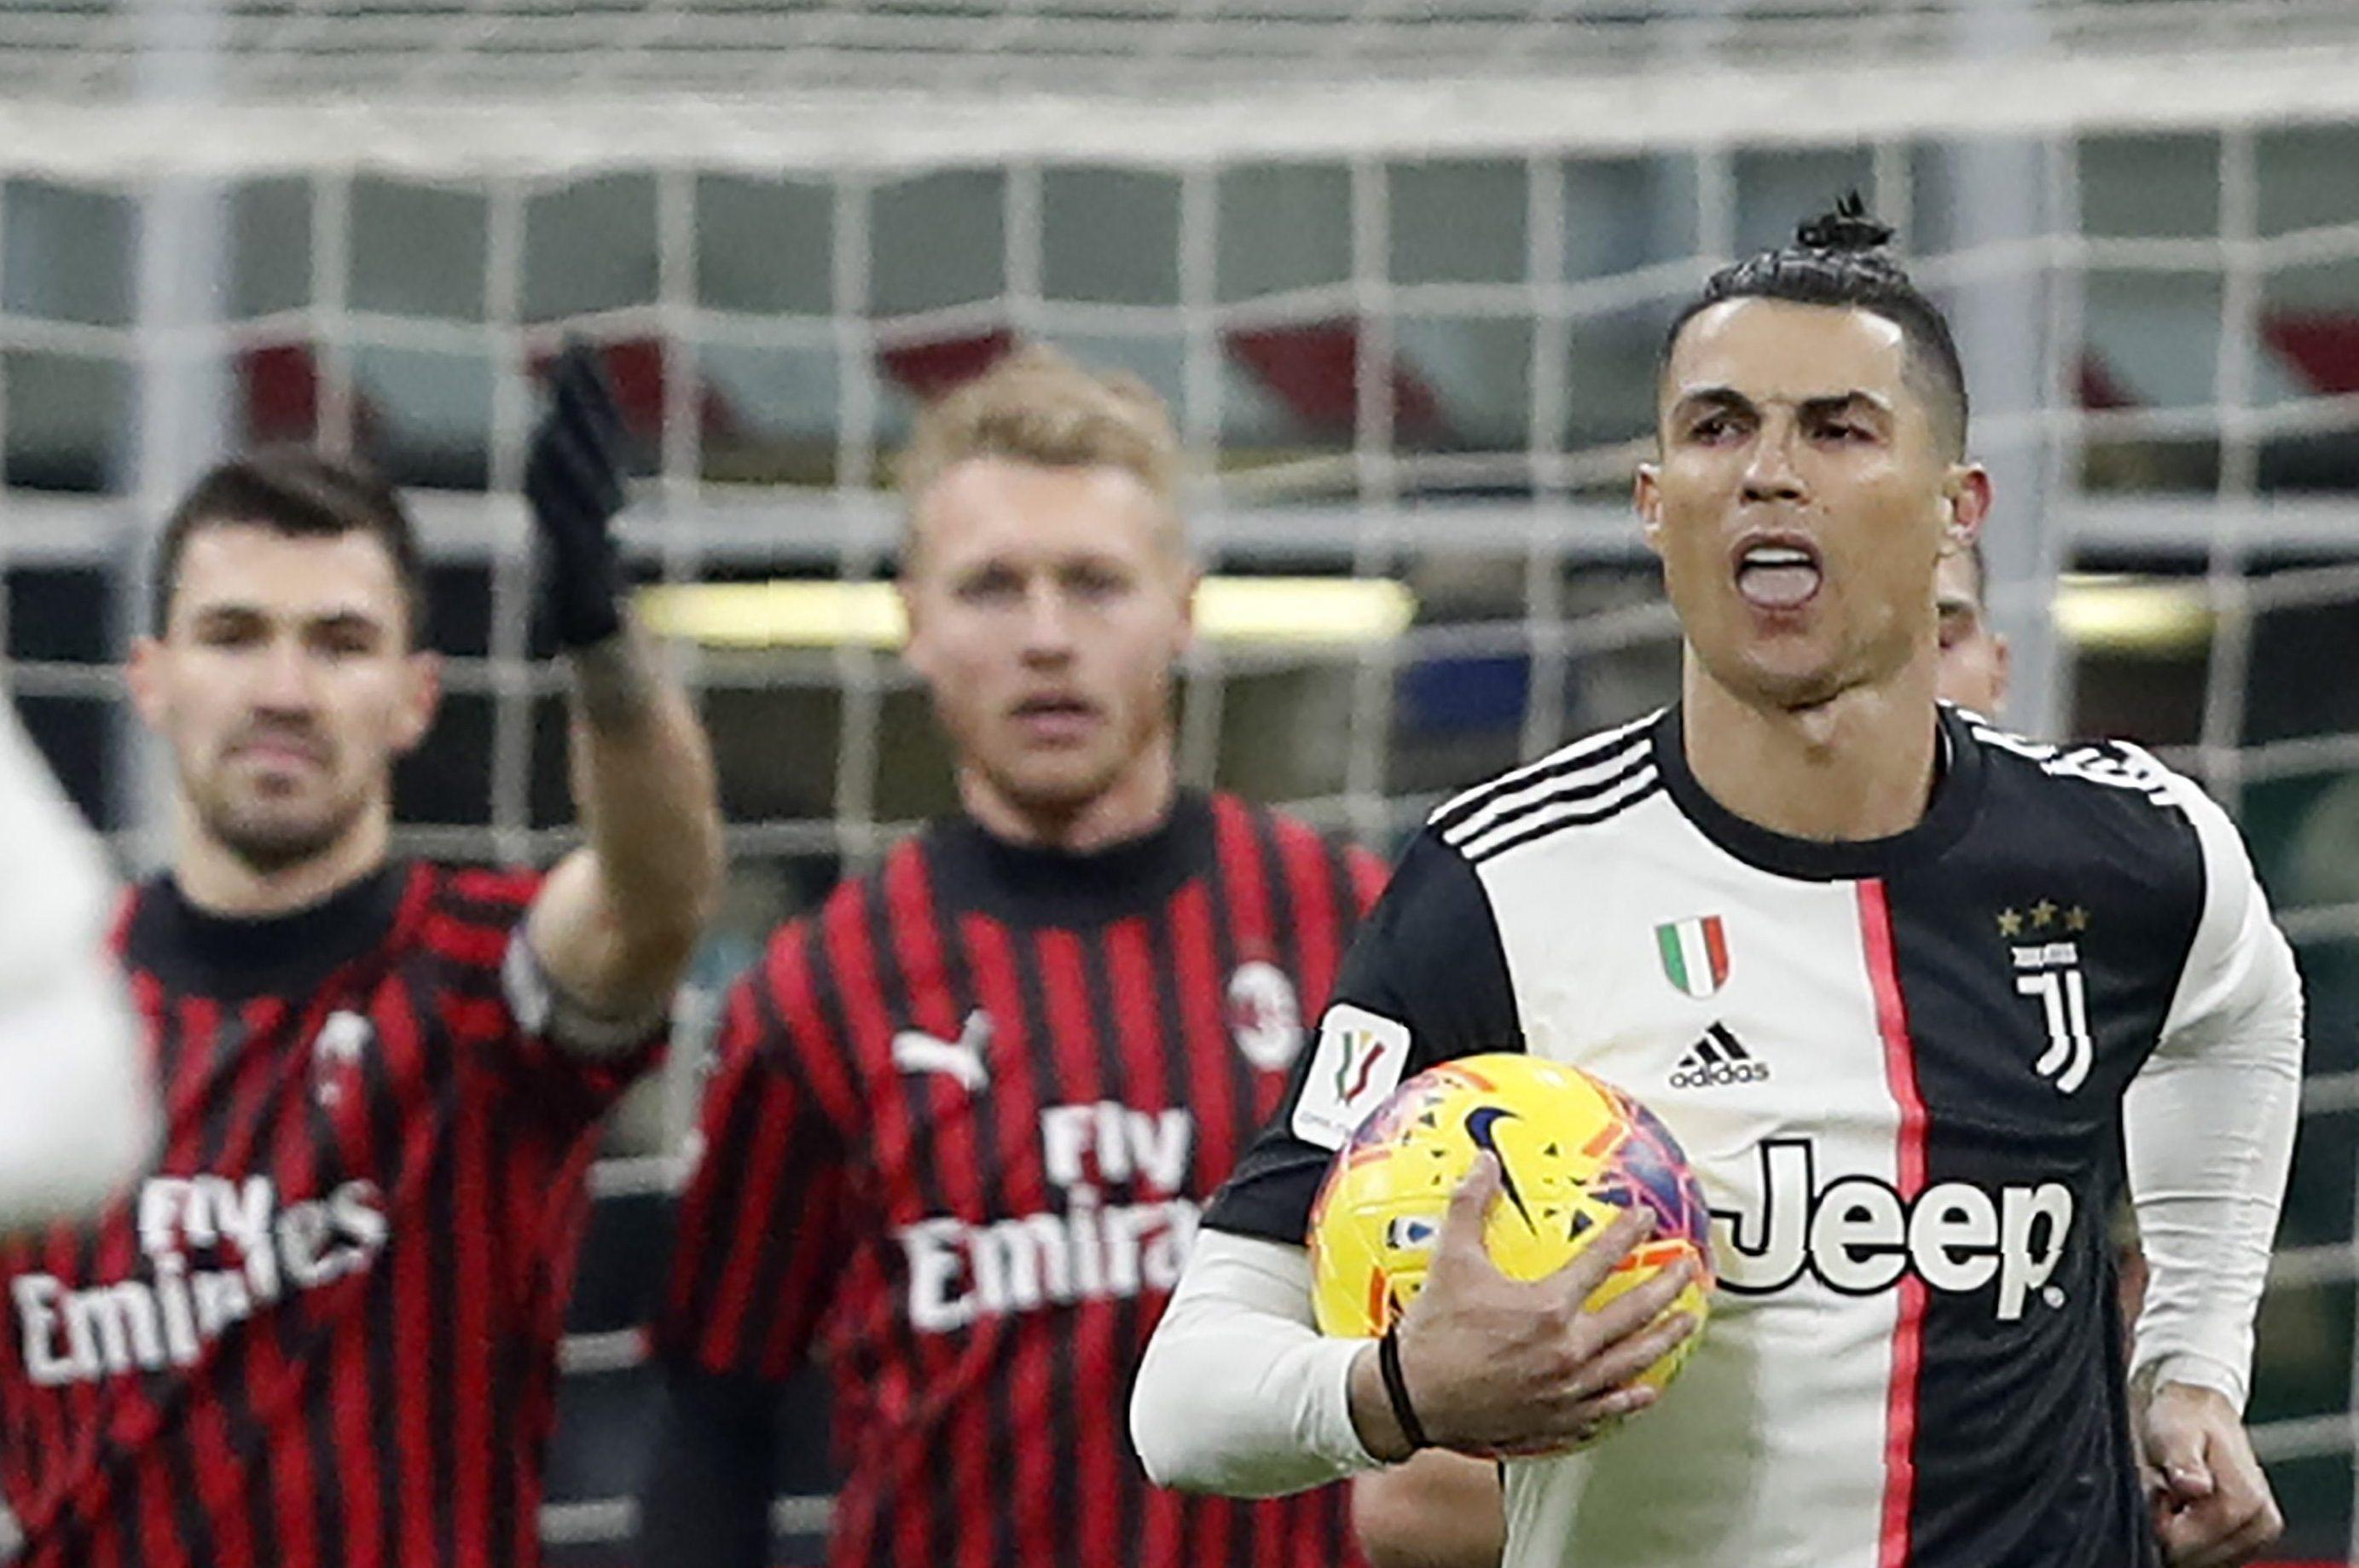 Calcio In Tv 12 Giugno Juventus Milan In Chiaro Orario E Dove Vederla In Diretta